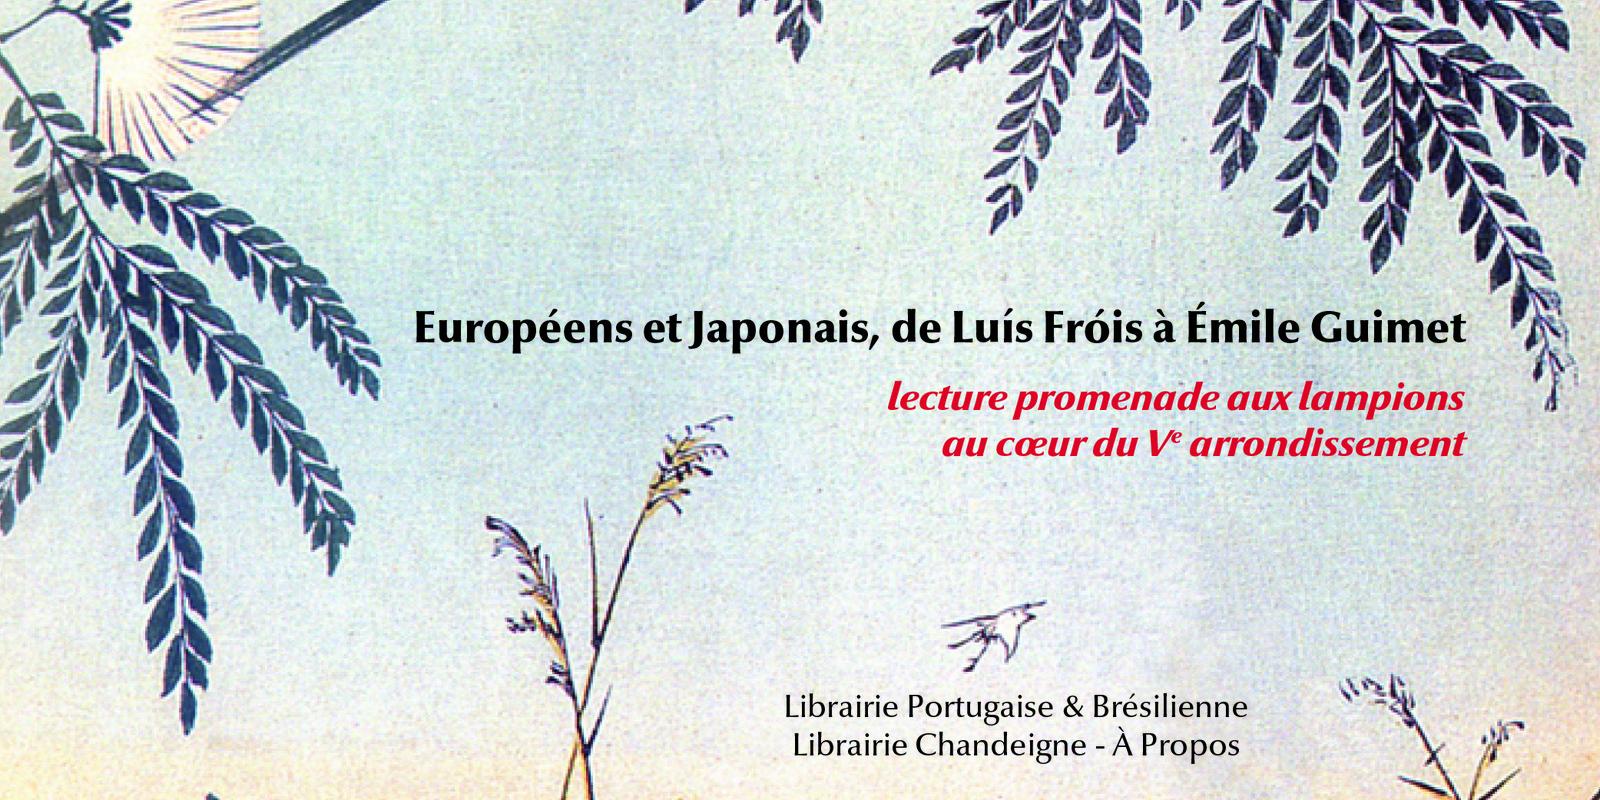 Nuit De La Lecture 2019 Europeens Et Japonais De Luis